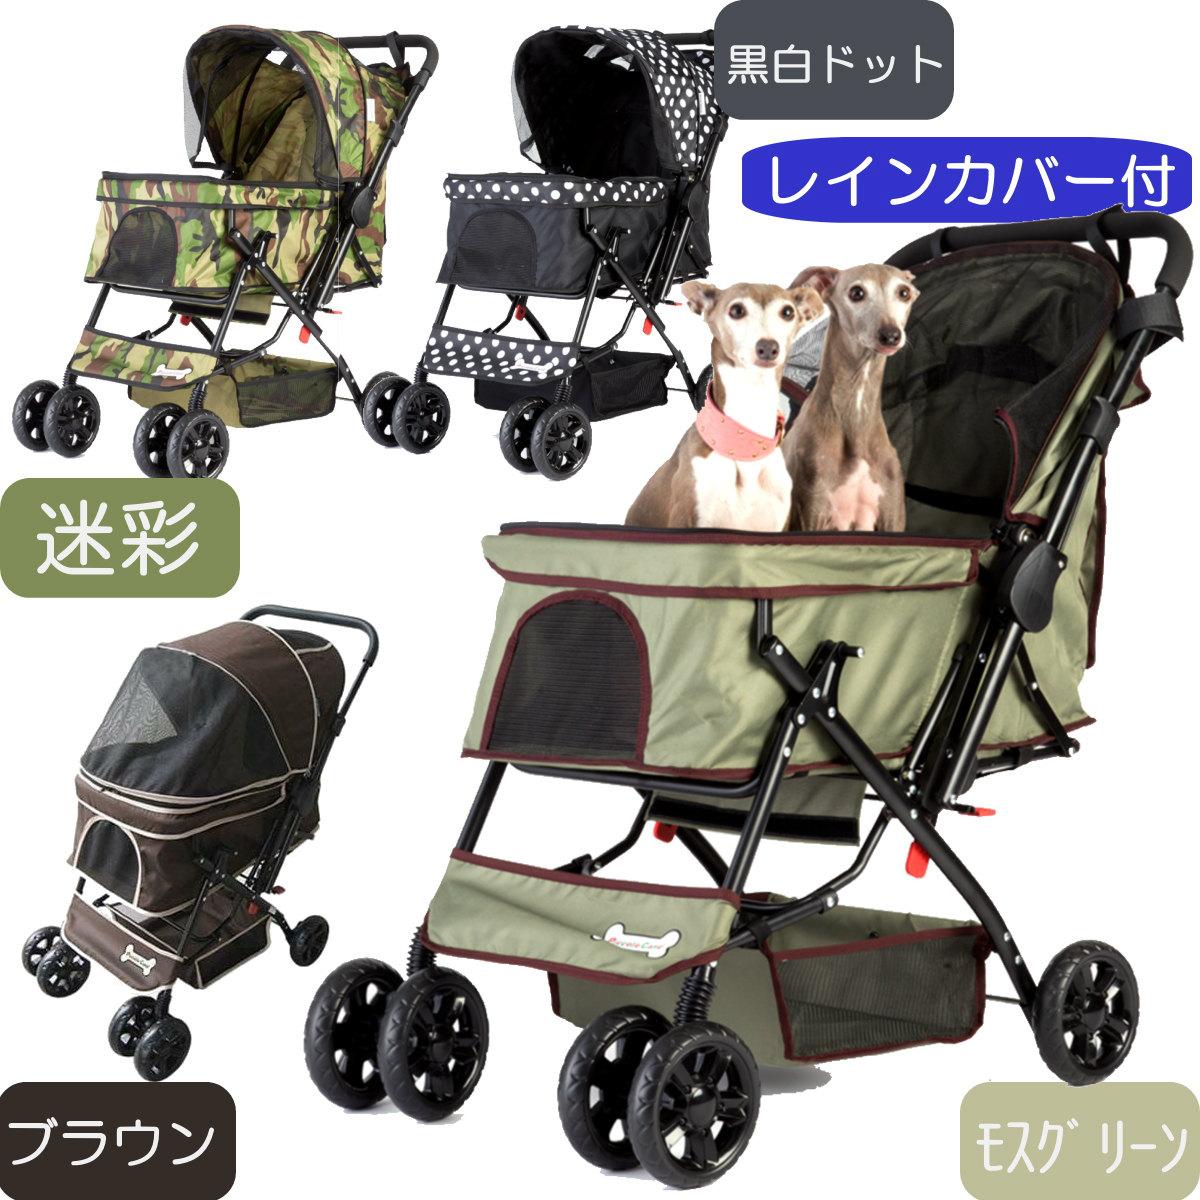 ピッコロカーネ PRIMO | | DG602 | プリモ レインカバー付属版 | 全3色 ペットカート | 耐荷重25kg | NUOVO 折畳式 犬用 ペットカート プリモ, Studio Route134:fc2acd03 --- osglrugby-veterans.com